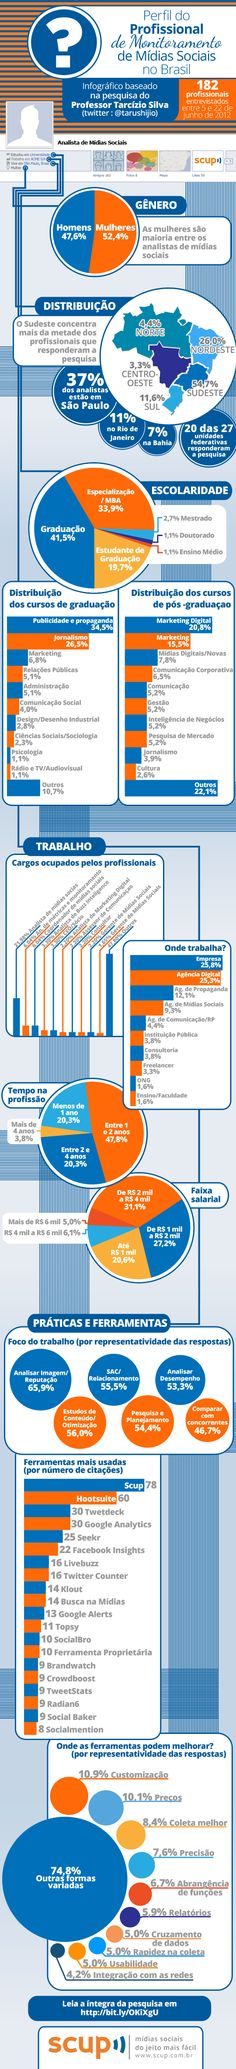 O perfil dos profissionais de monitoramento de mídias sociais no Brasil